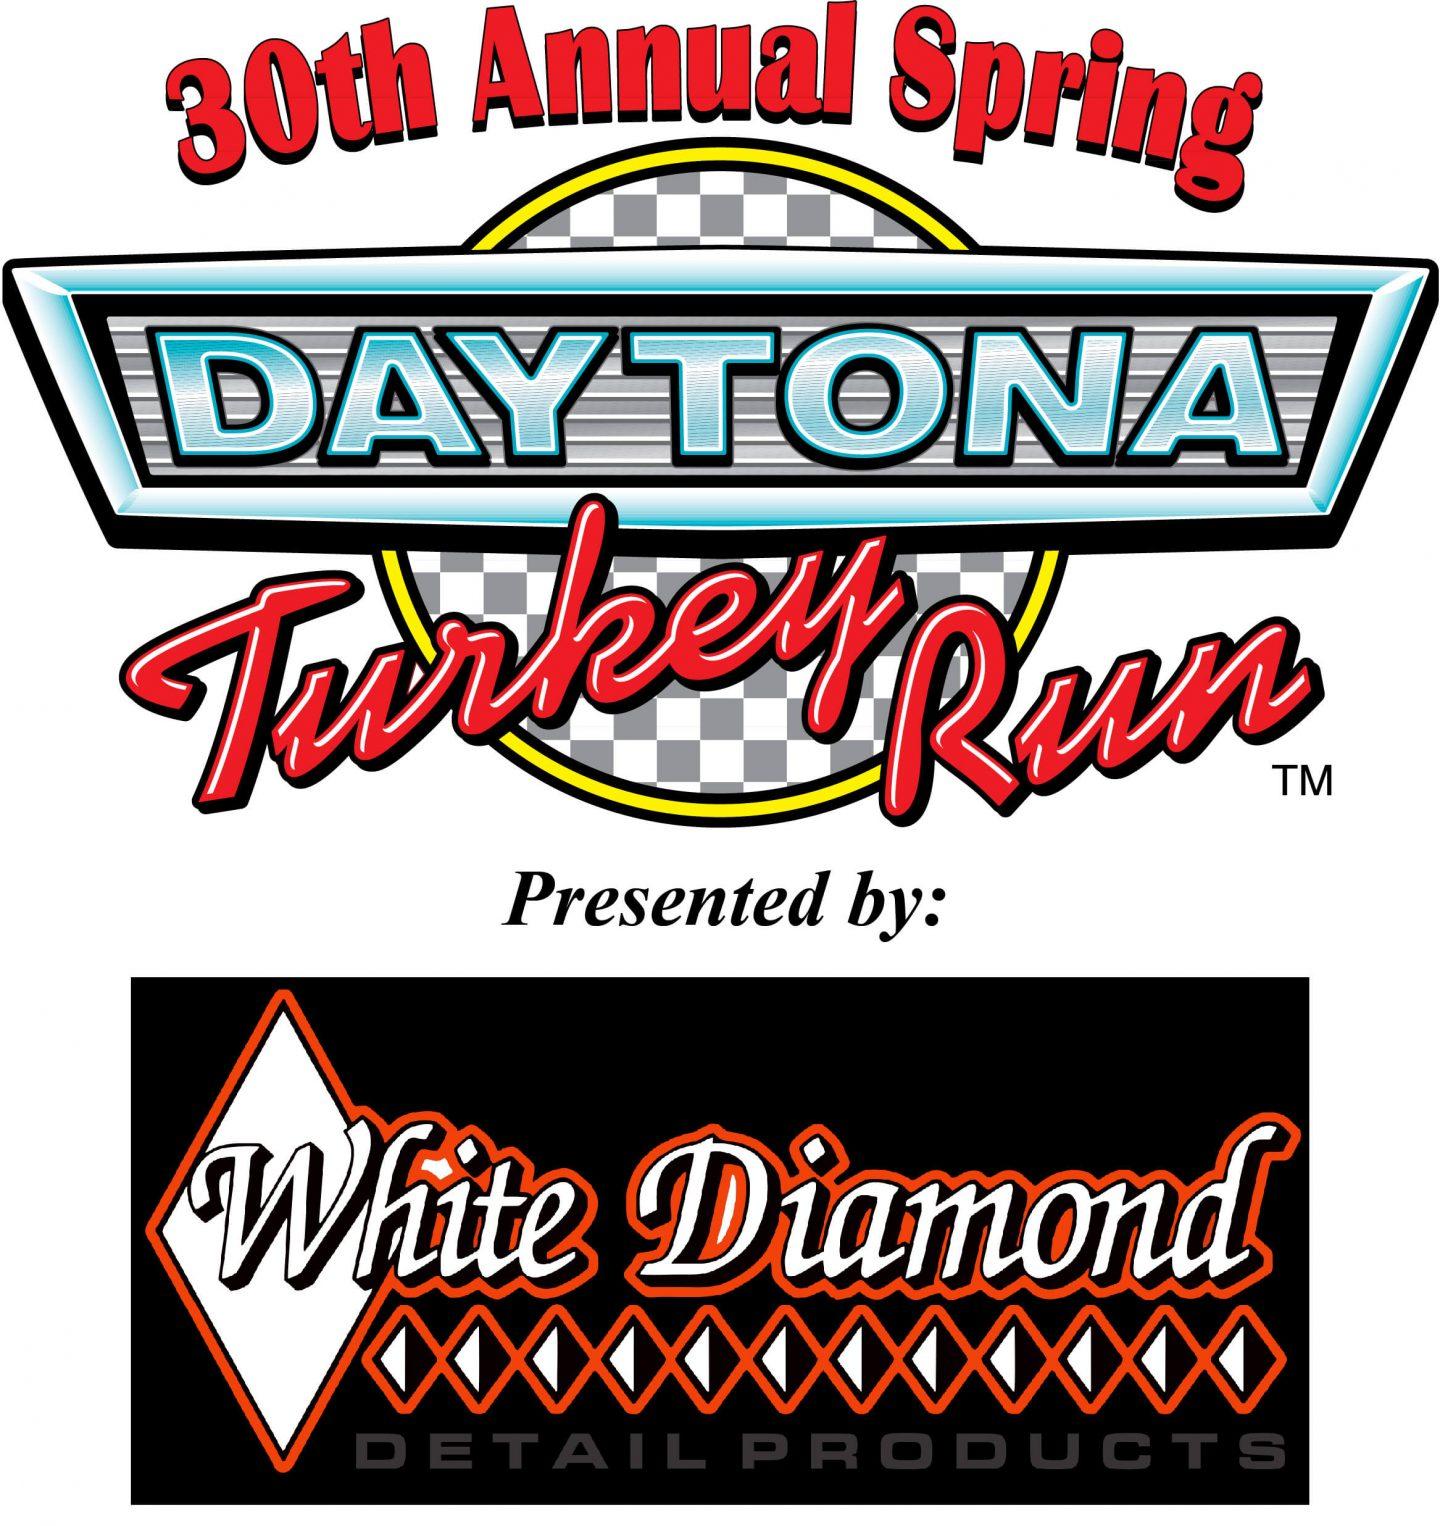 Spring Daytona Turkey Run